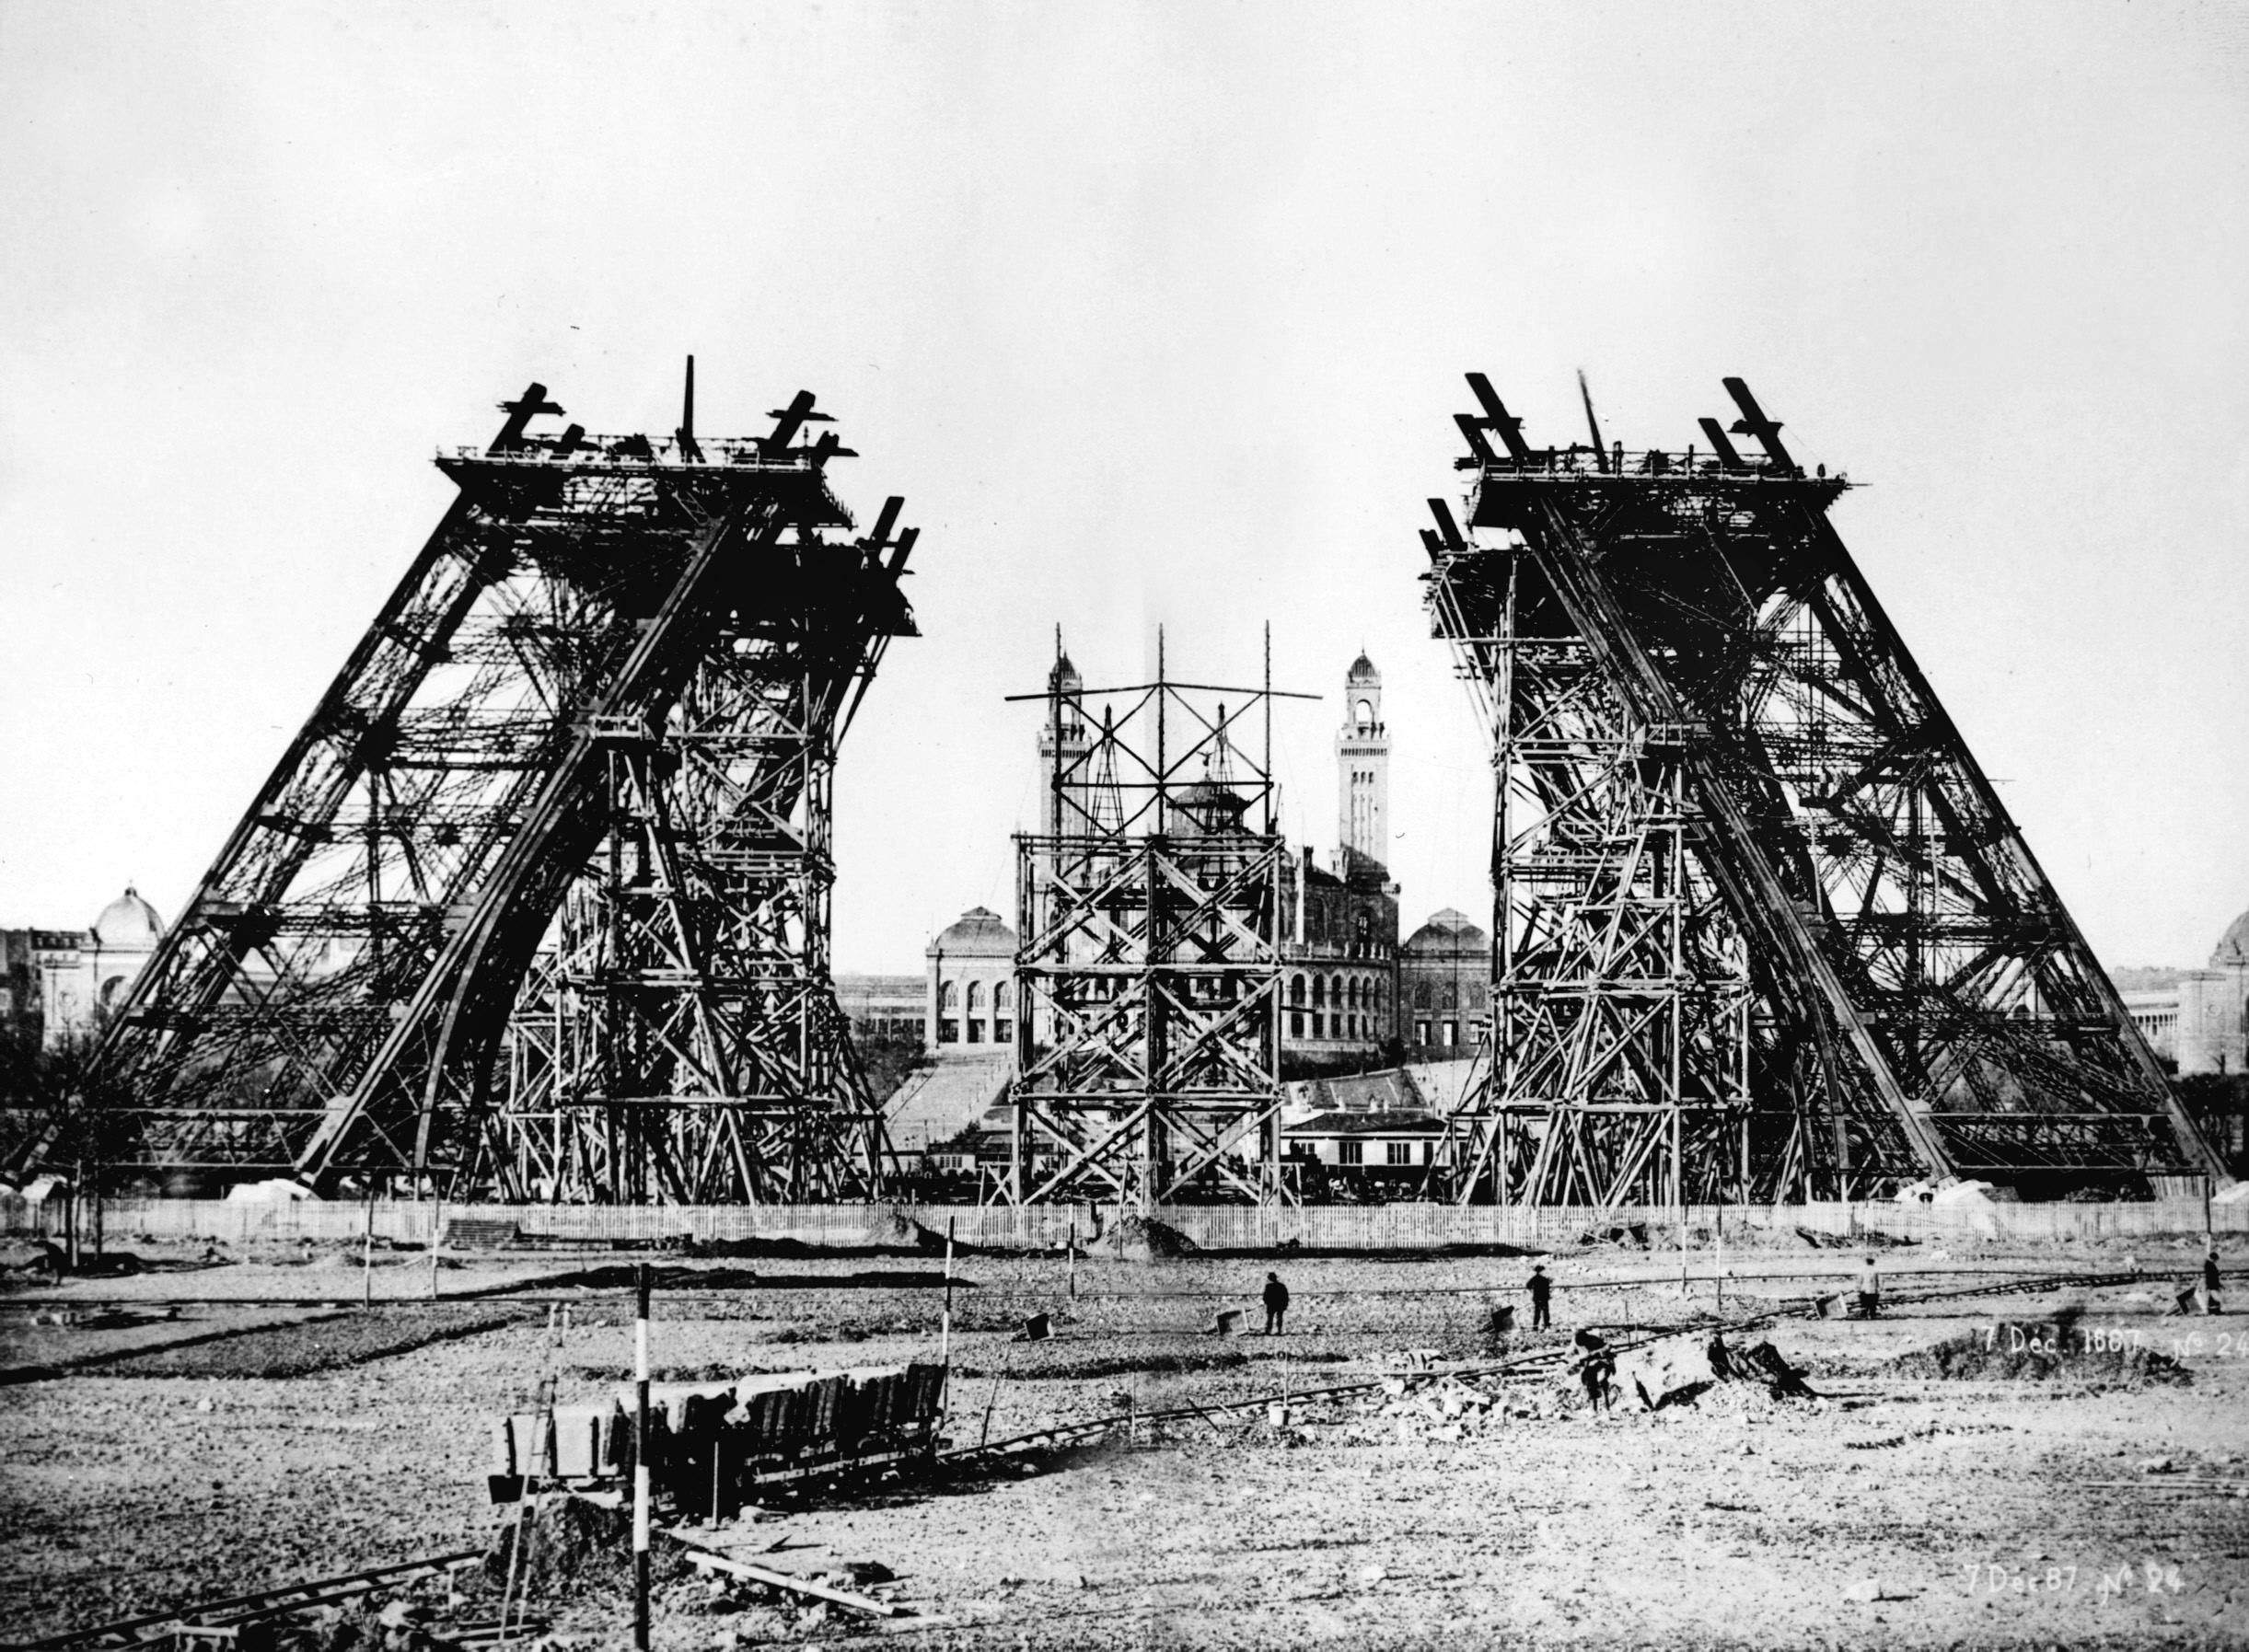 Francia no olvida a Gustave Eiffel en el noventa aniversario de su muerte